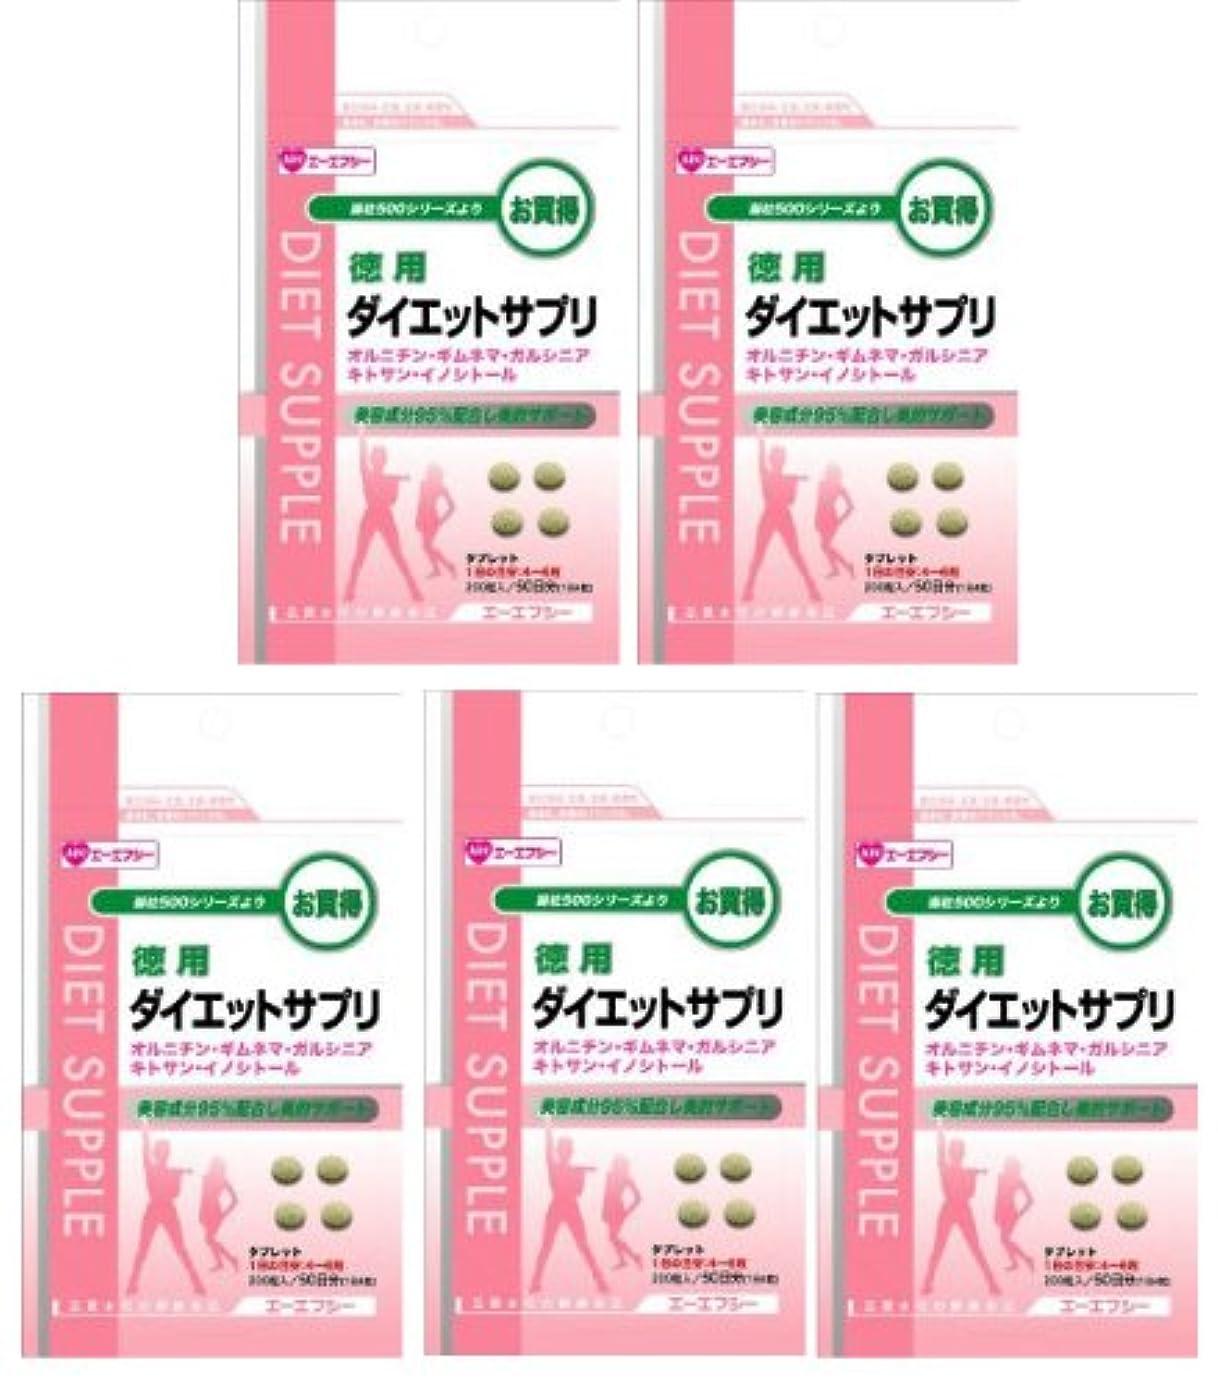 そこディレクトリ戸棚AFC 徳用 ダイエットサプリ 200粒入 (約50日分)【5袋セット】